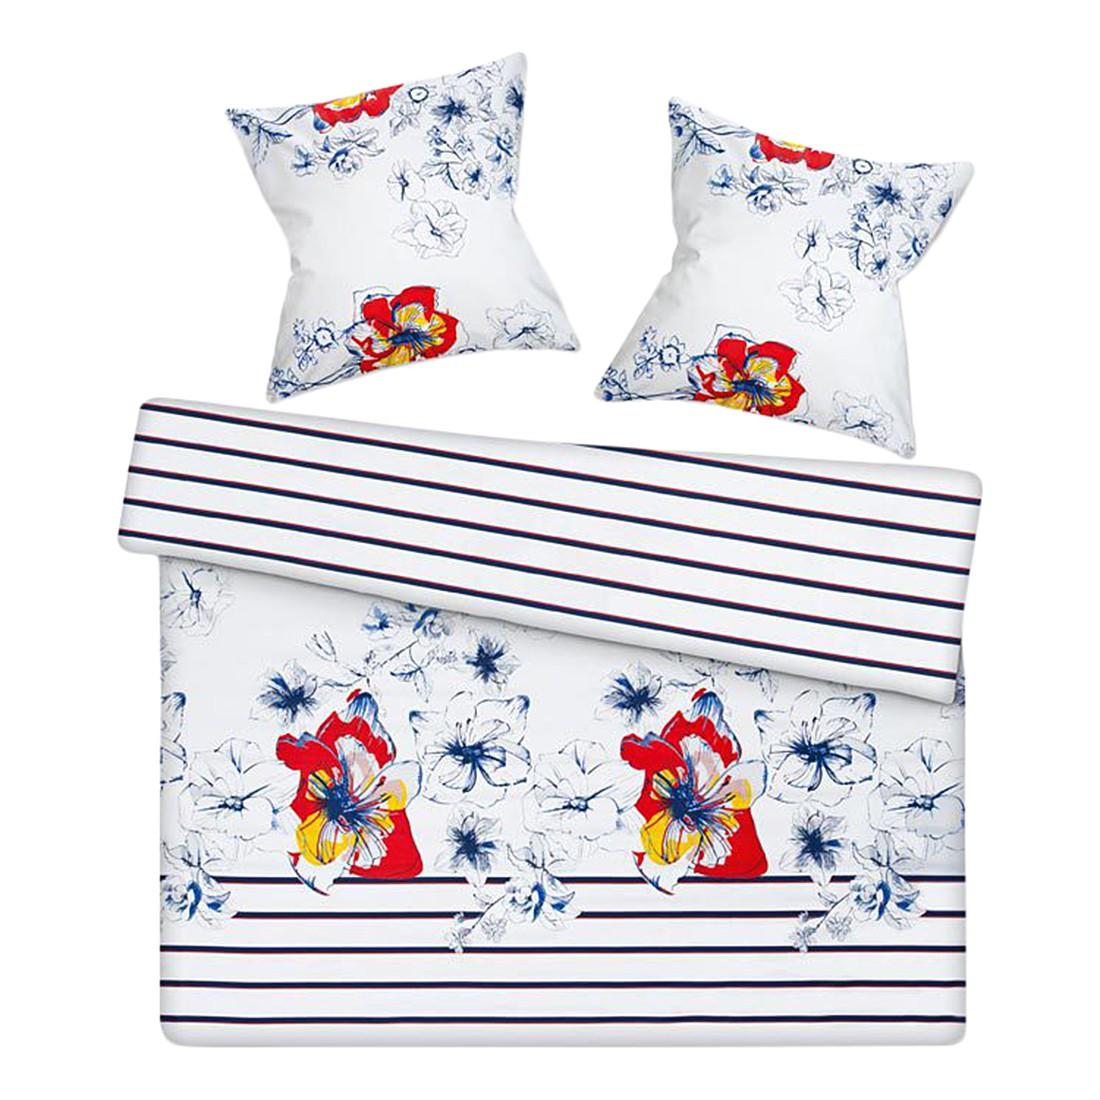 Bettwäsche – Luxury – Mako-Satin/Baumwolle – Mehrfarbig – 135×200 cm + 80×80 cm, Esprit jetzt kaufen